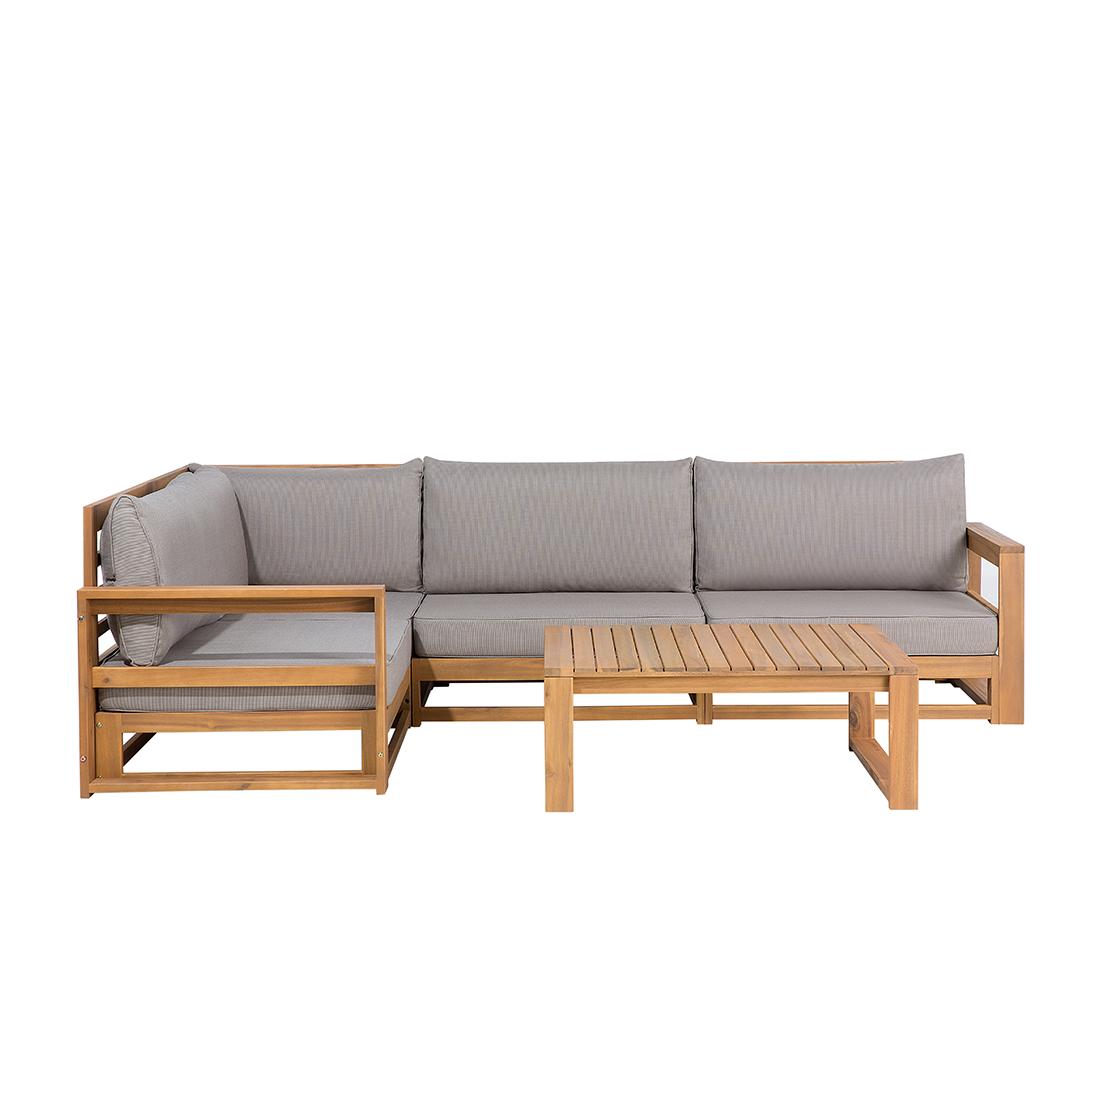 Zestaw Mebli Ogrodowych Jasne Drewno Akacjowe Naroznik Szare Poduszki Stolik Kawowy Beliani Outdoor Sofa Sets Contemporary Outdoor Sofas Patio Furniture Deals